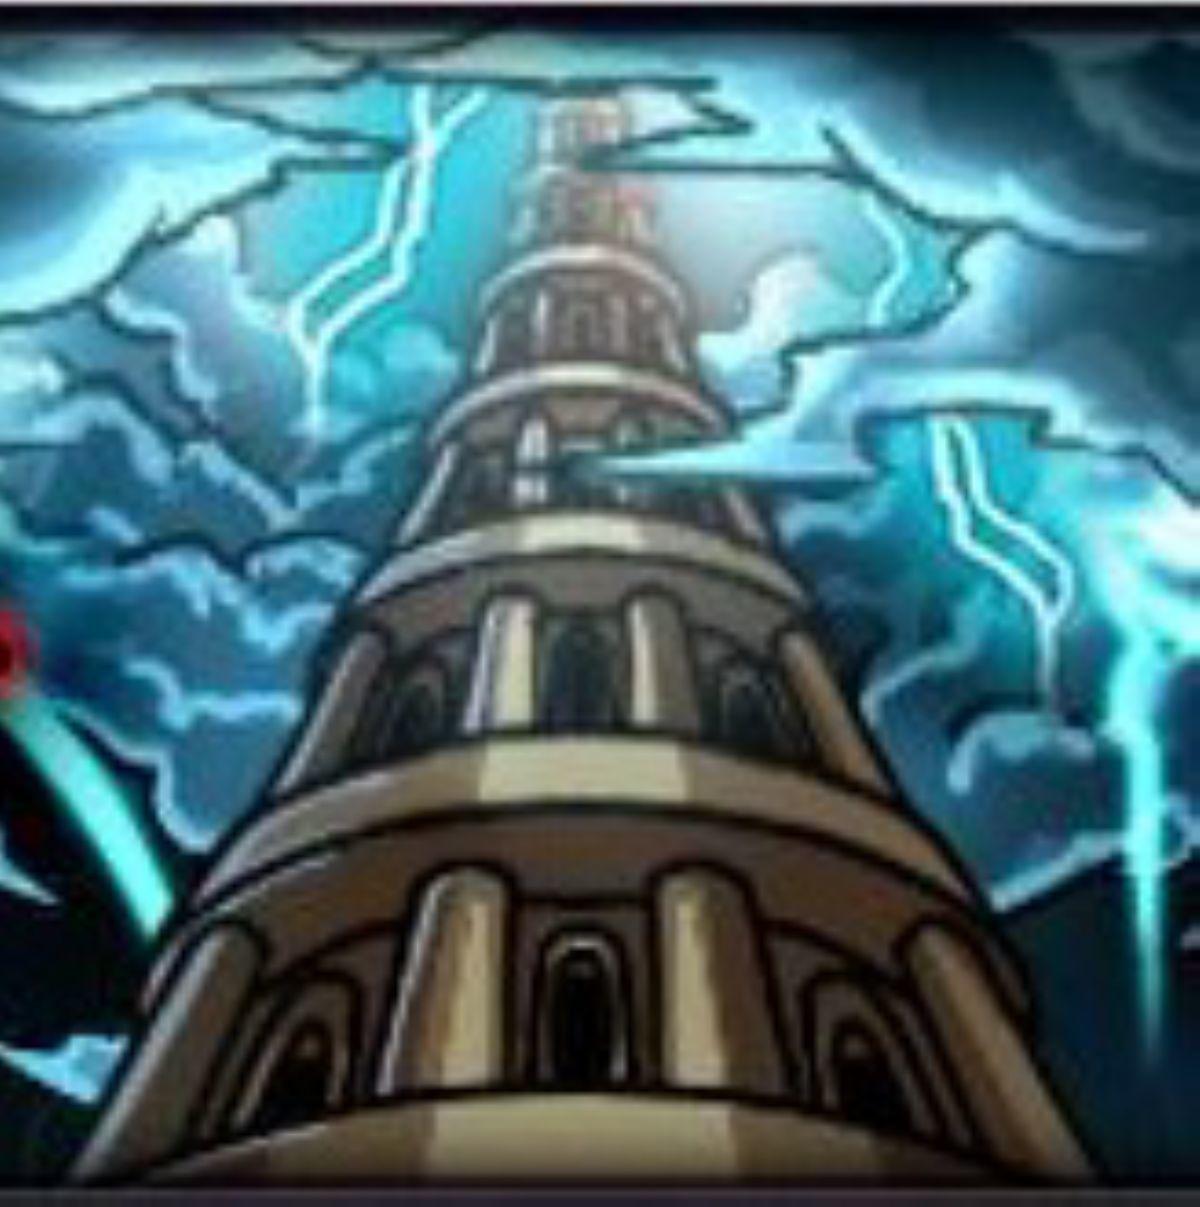 覇者の塔40階まで手伝います 1階〜40階までを手伝います。 イメージ1